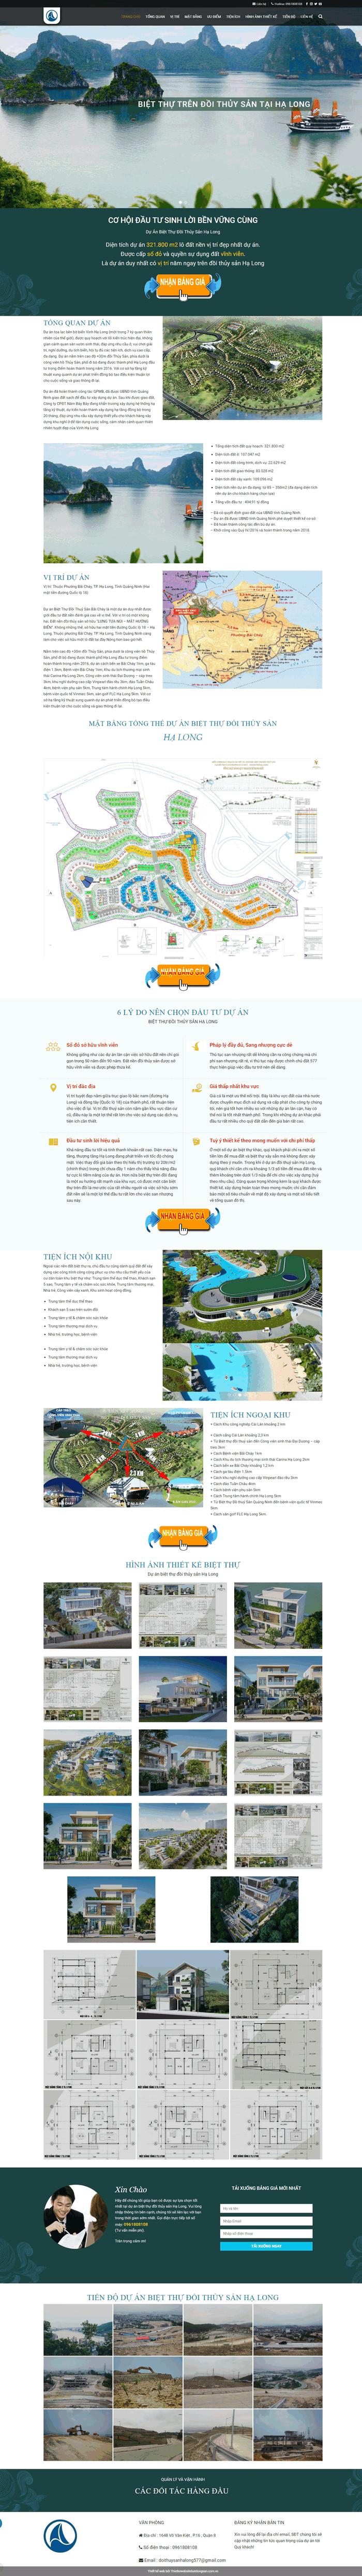 Giao diện mẫu web bđs 1 dự án landing page chuẩn đẹp M72